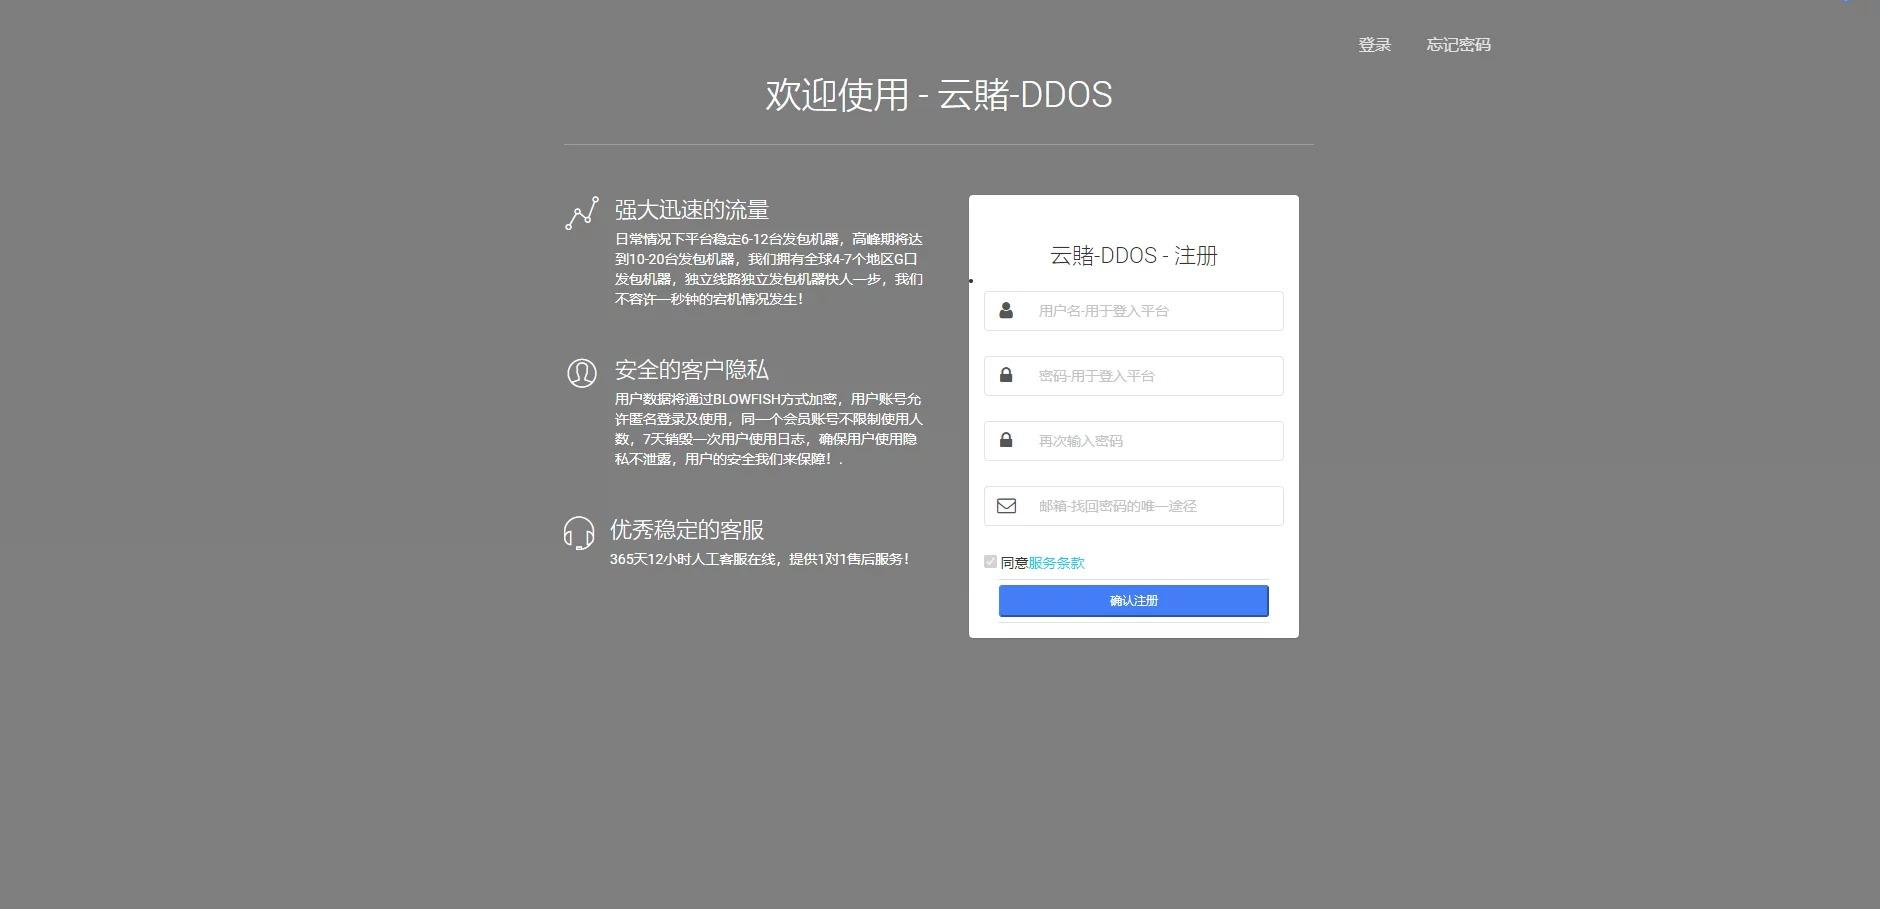 【商业资源】云赌DDOS/服务器压测平台源码